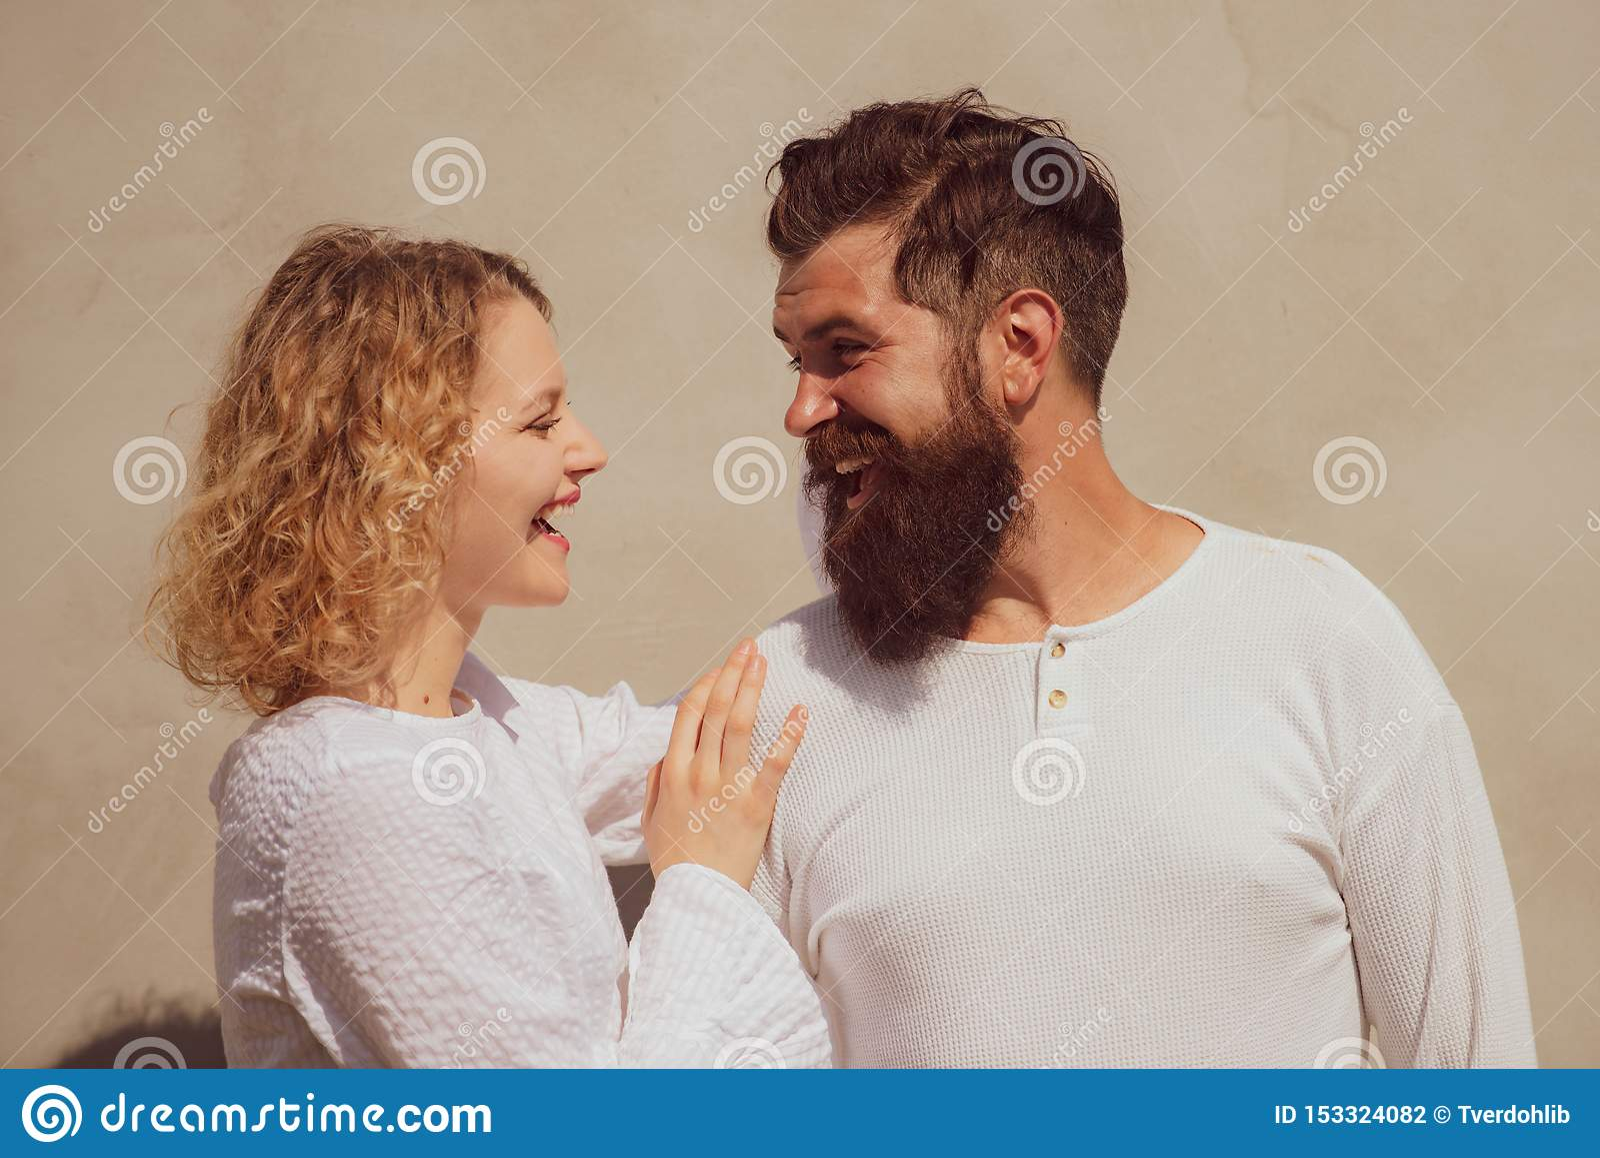 Hete vrouw die in vervoering jammeren die de mens omhelzen Het genieten van van teder warm prettig ogenblik van liefde Verleiding